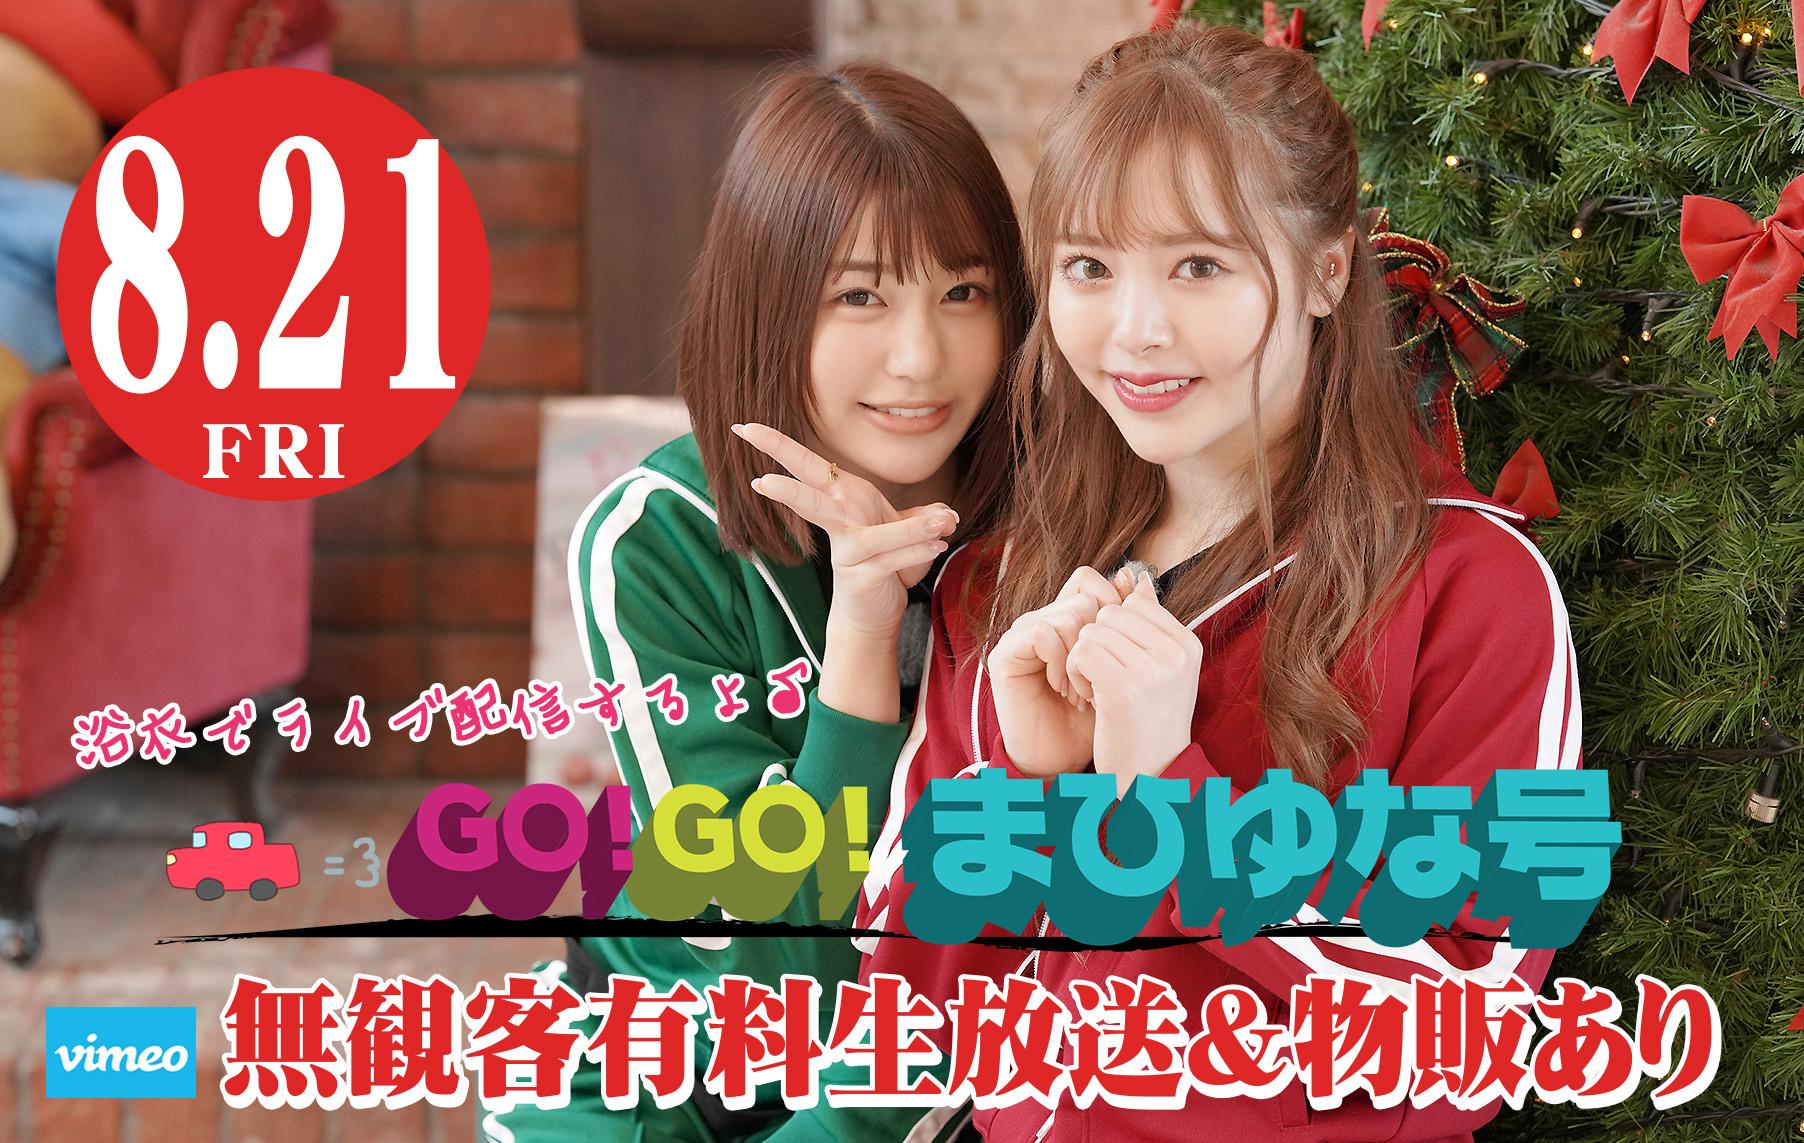 【無観客生放送】【有料】GO!GO!まひゆな号 出演:小倉由菜・唯井まひろ